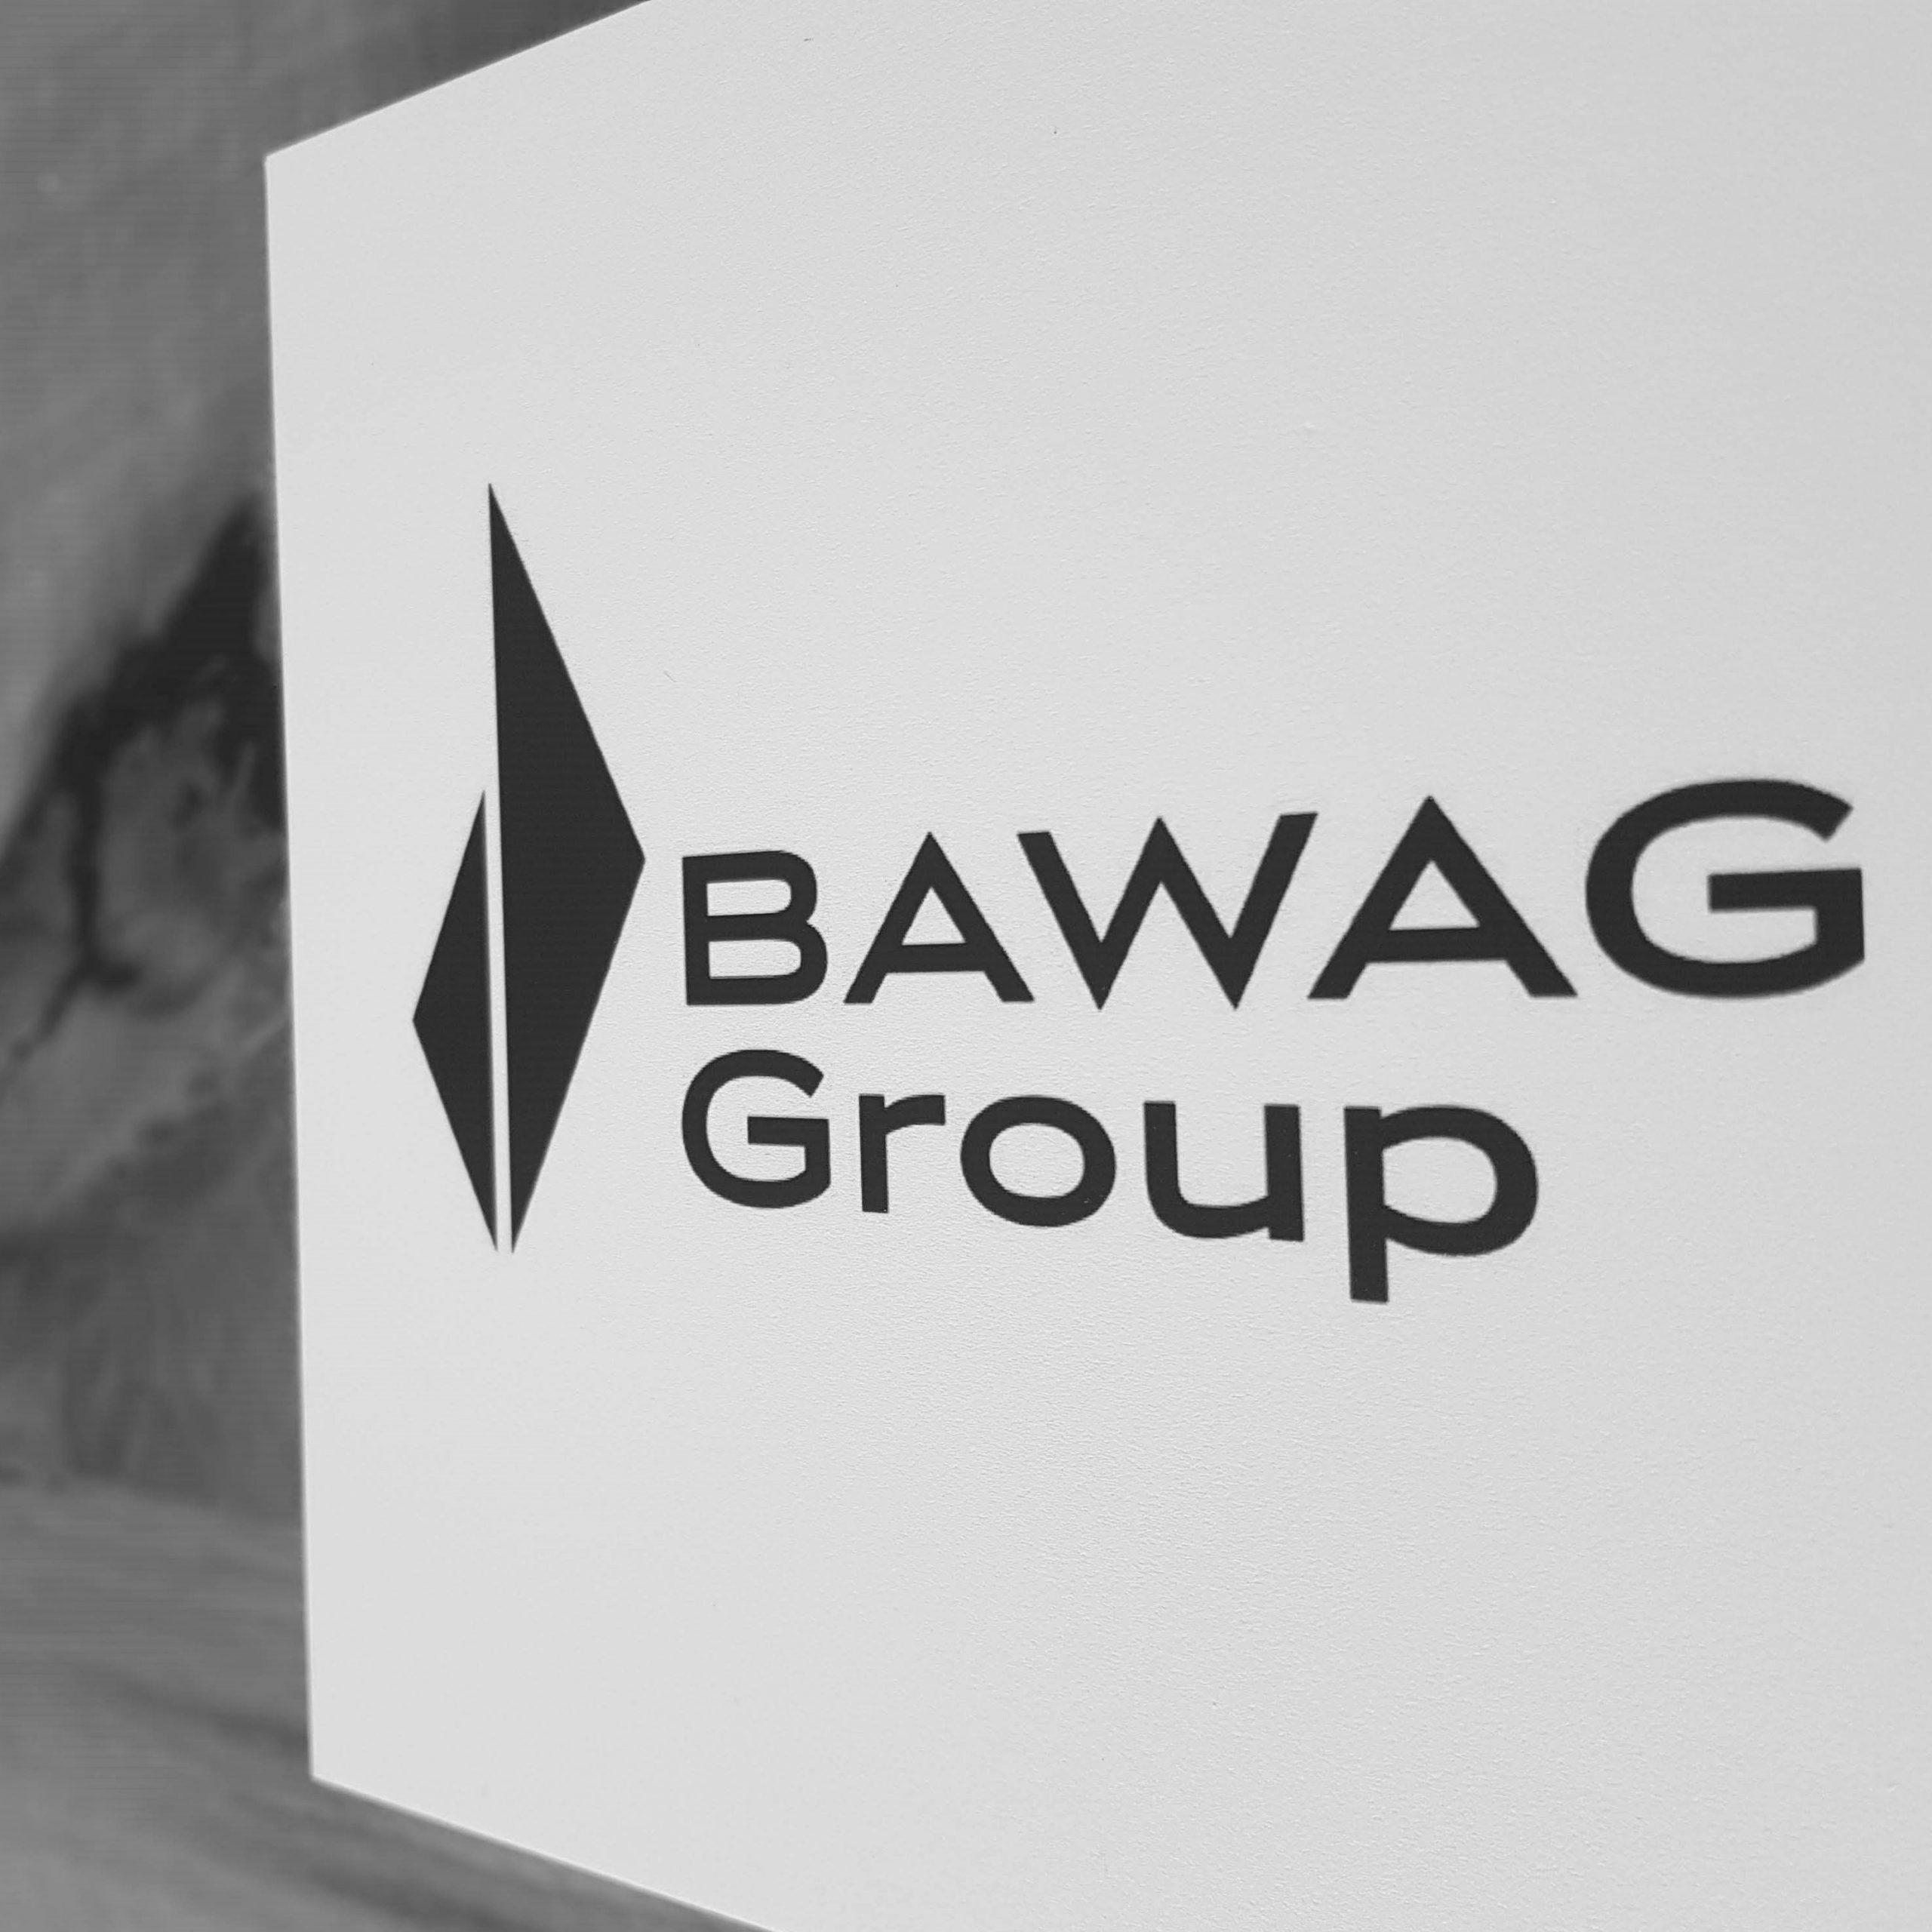 Abfotografiertes Logo BAWAG Deutsche Kreditbank AG schwarzweiß